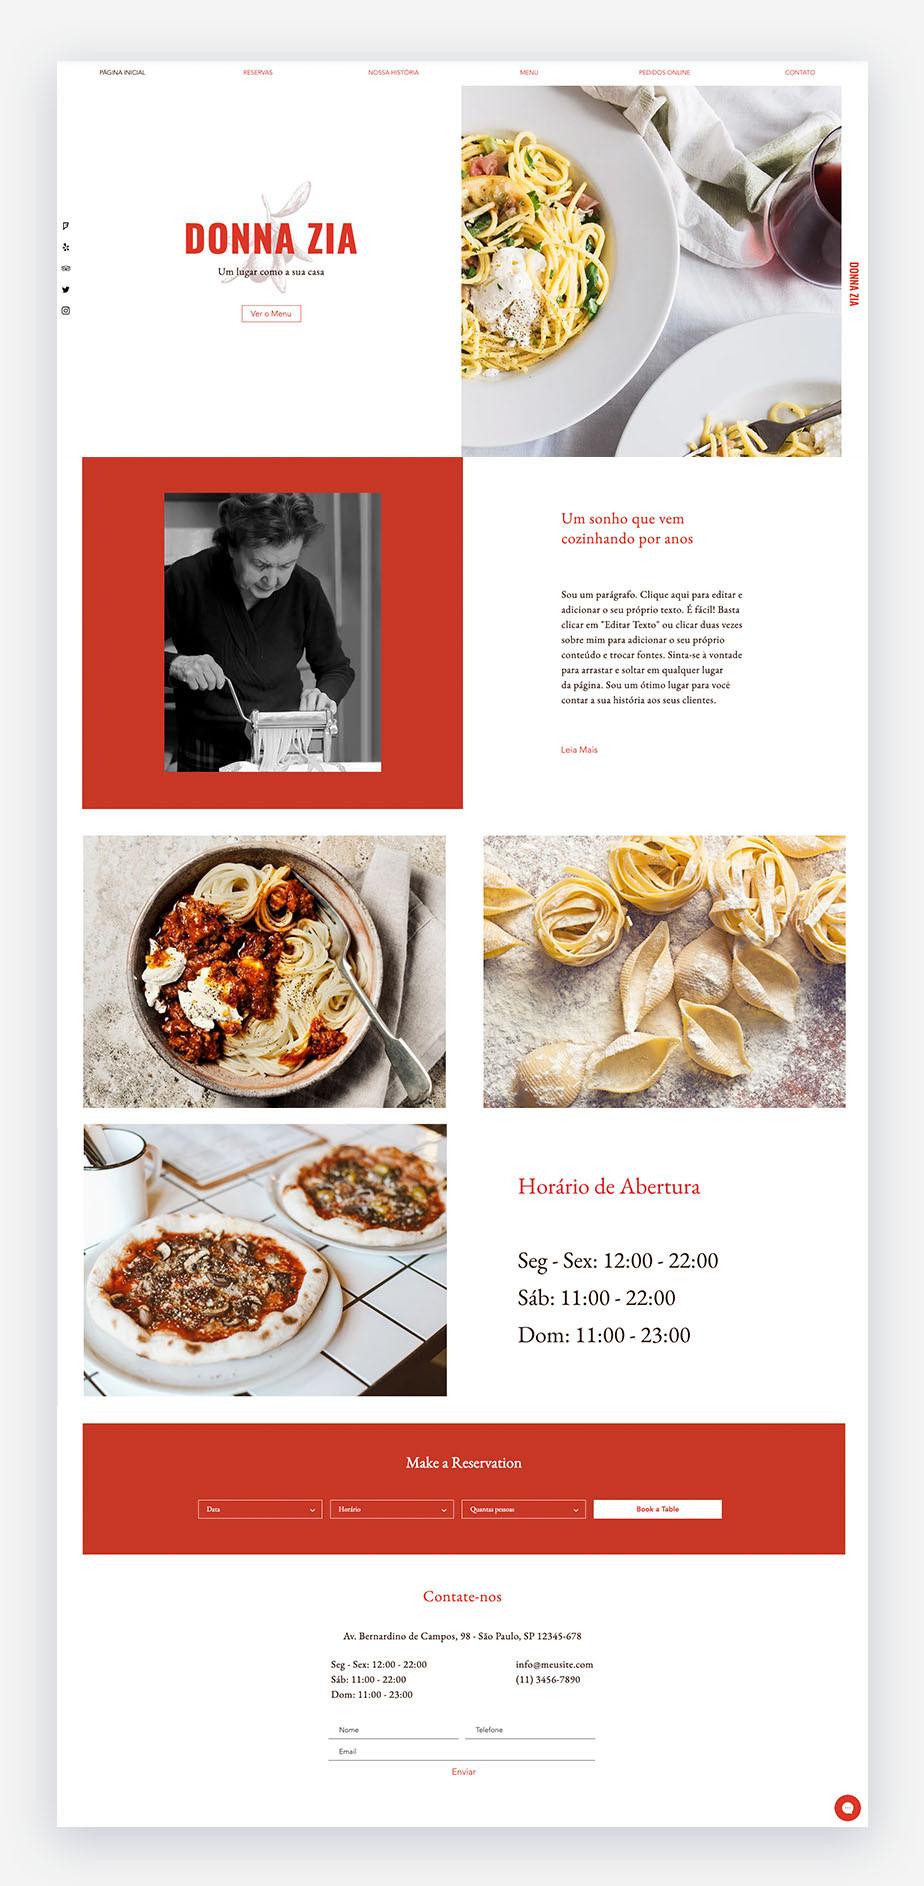 Exemplo de template de restaurante italiano que pode ser adaptado para qualquer negócio gastronômico